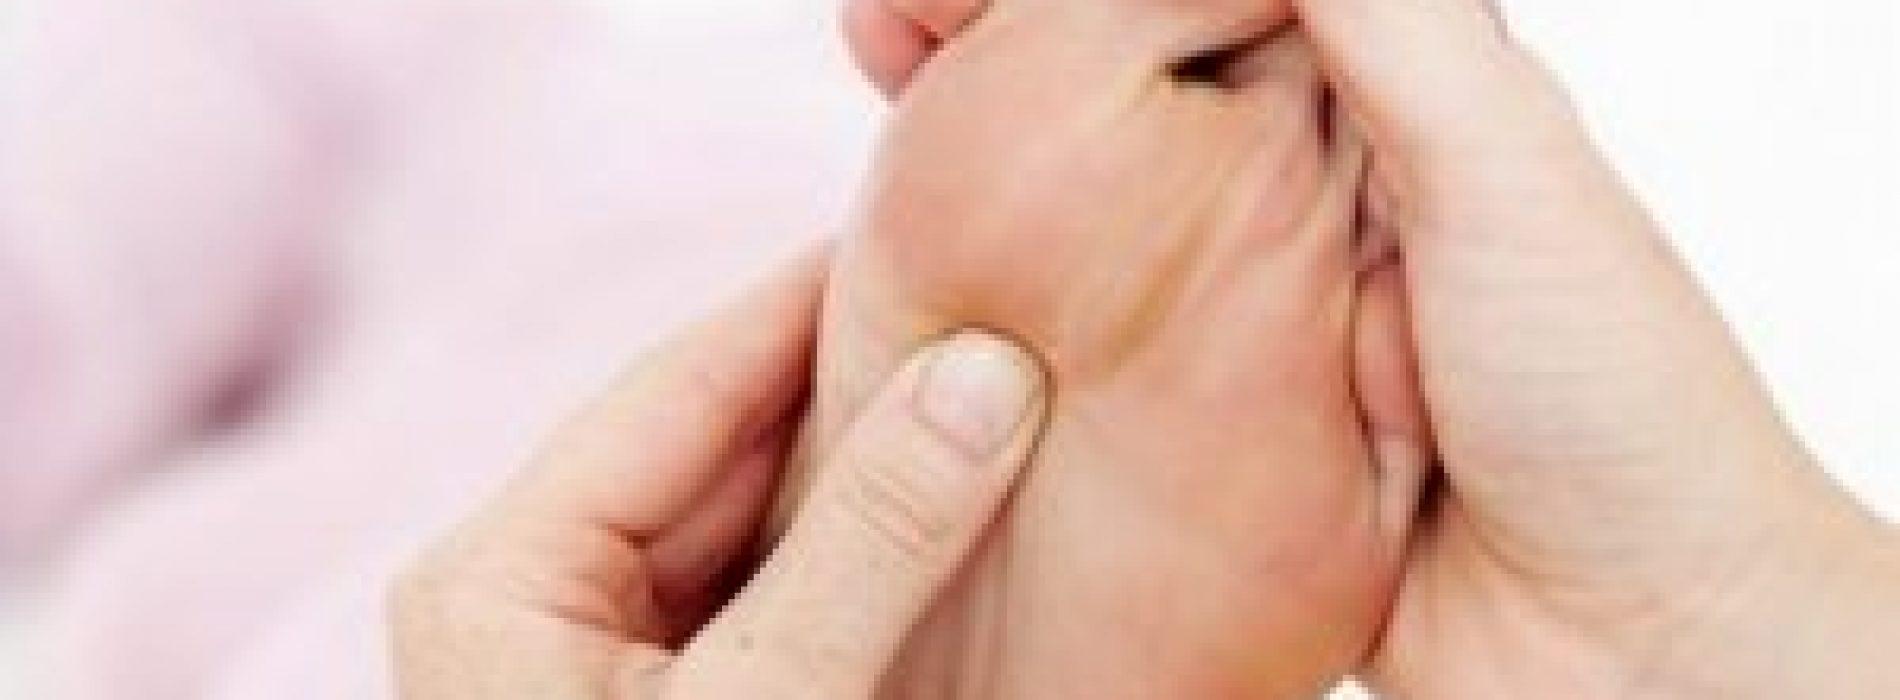 Alternatieve geneeswijze: reflexologie 'net zo effectief als pijnstillers'